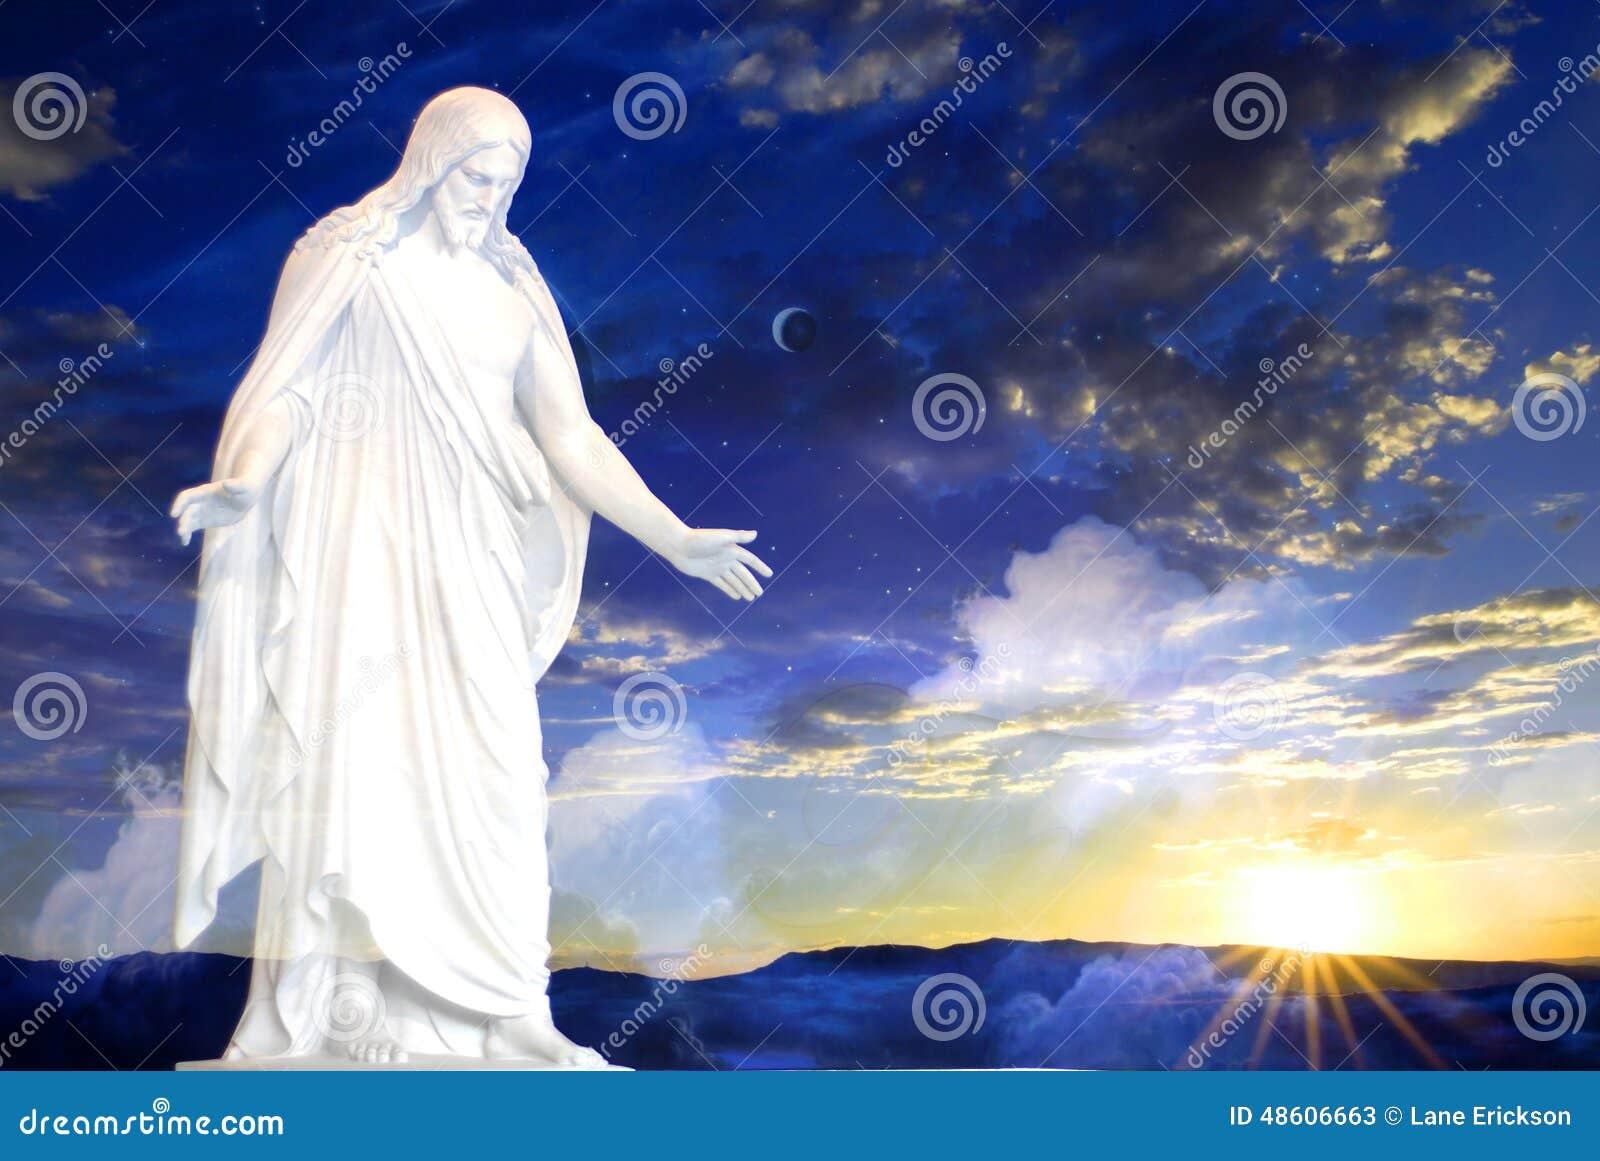 Jesús en la creación del mundo